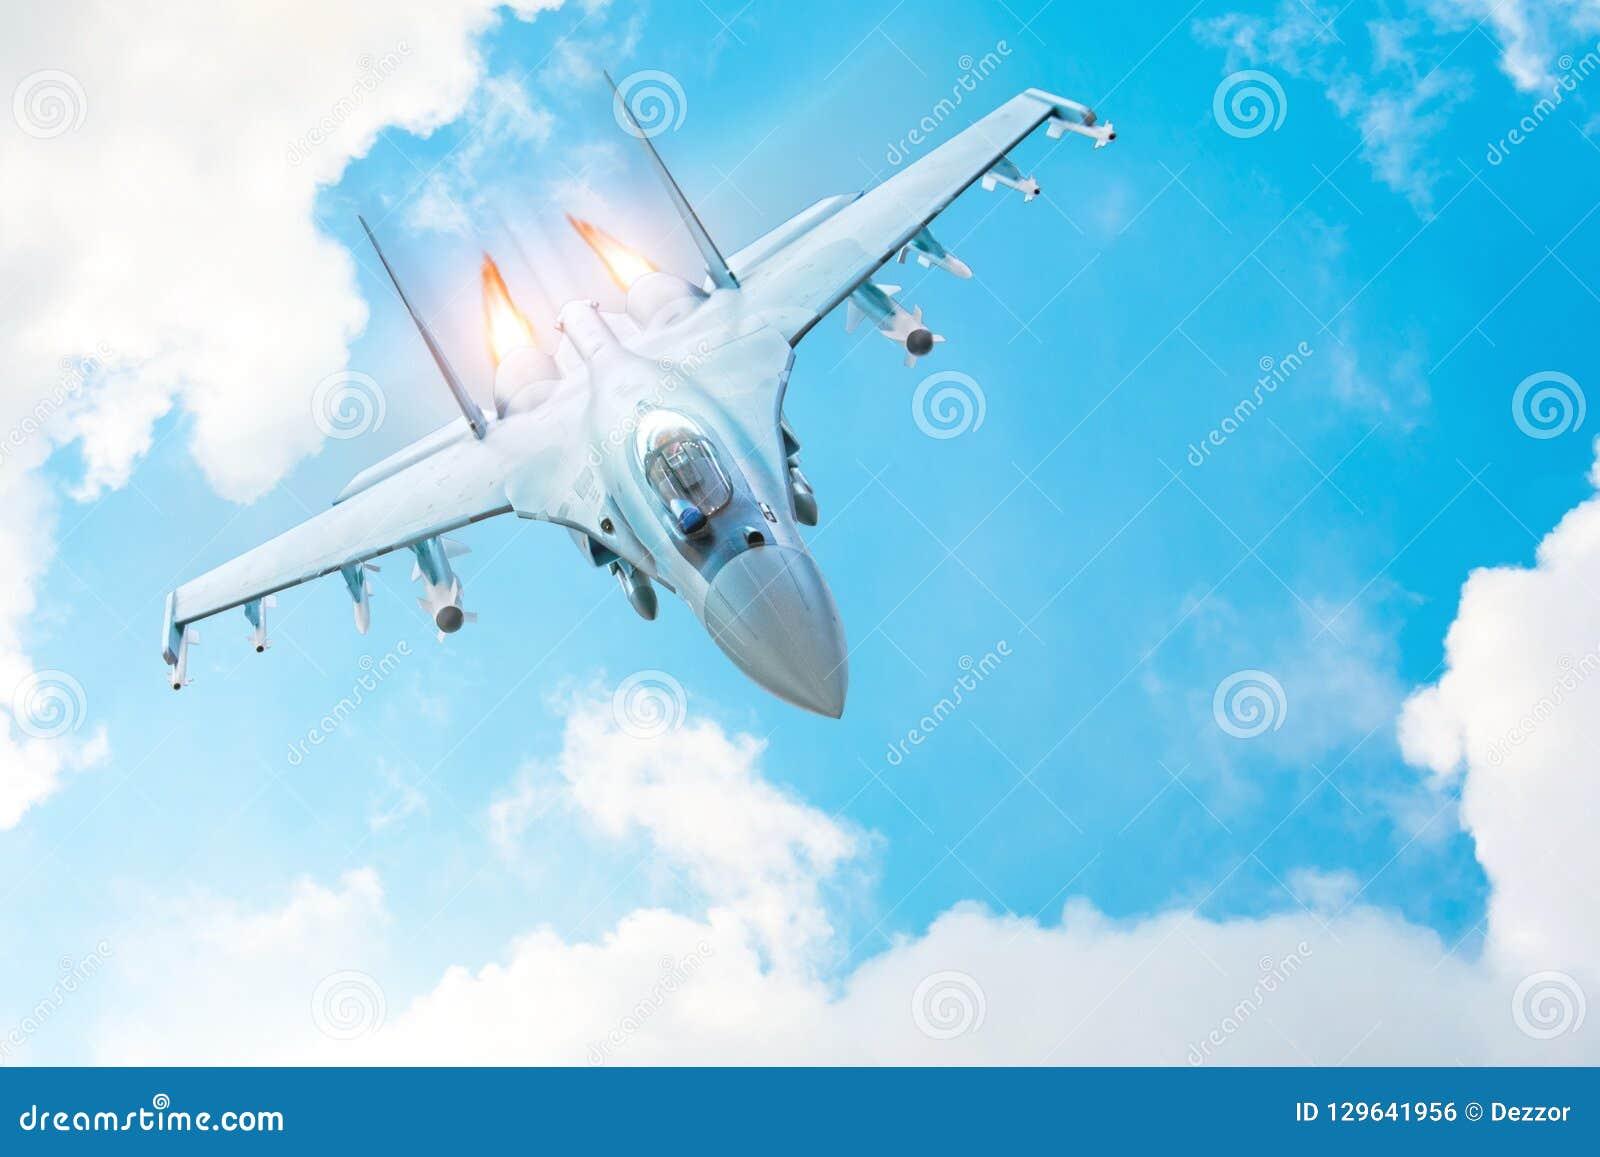 Bojowy myśliwiec na misji wojskowej z broniami - rakiety, bomby, bronie na skrzydłach, z pożarniczego dopalacza parowozowymi nozz